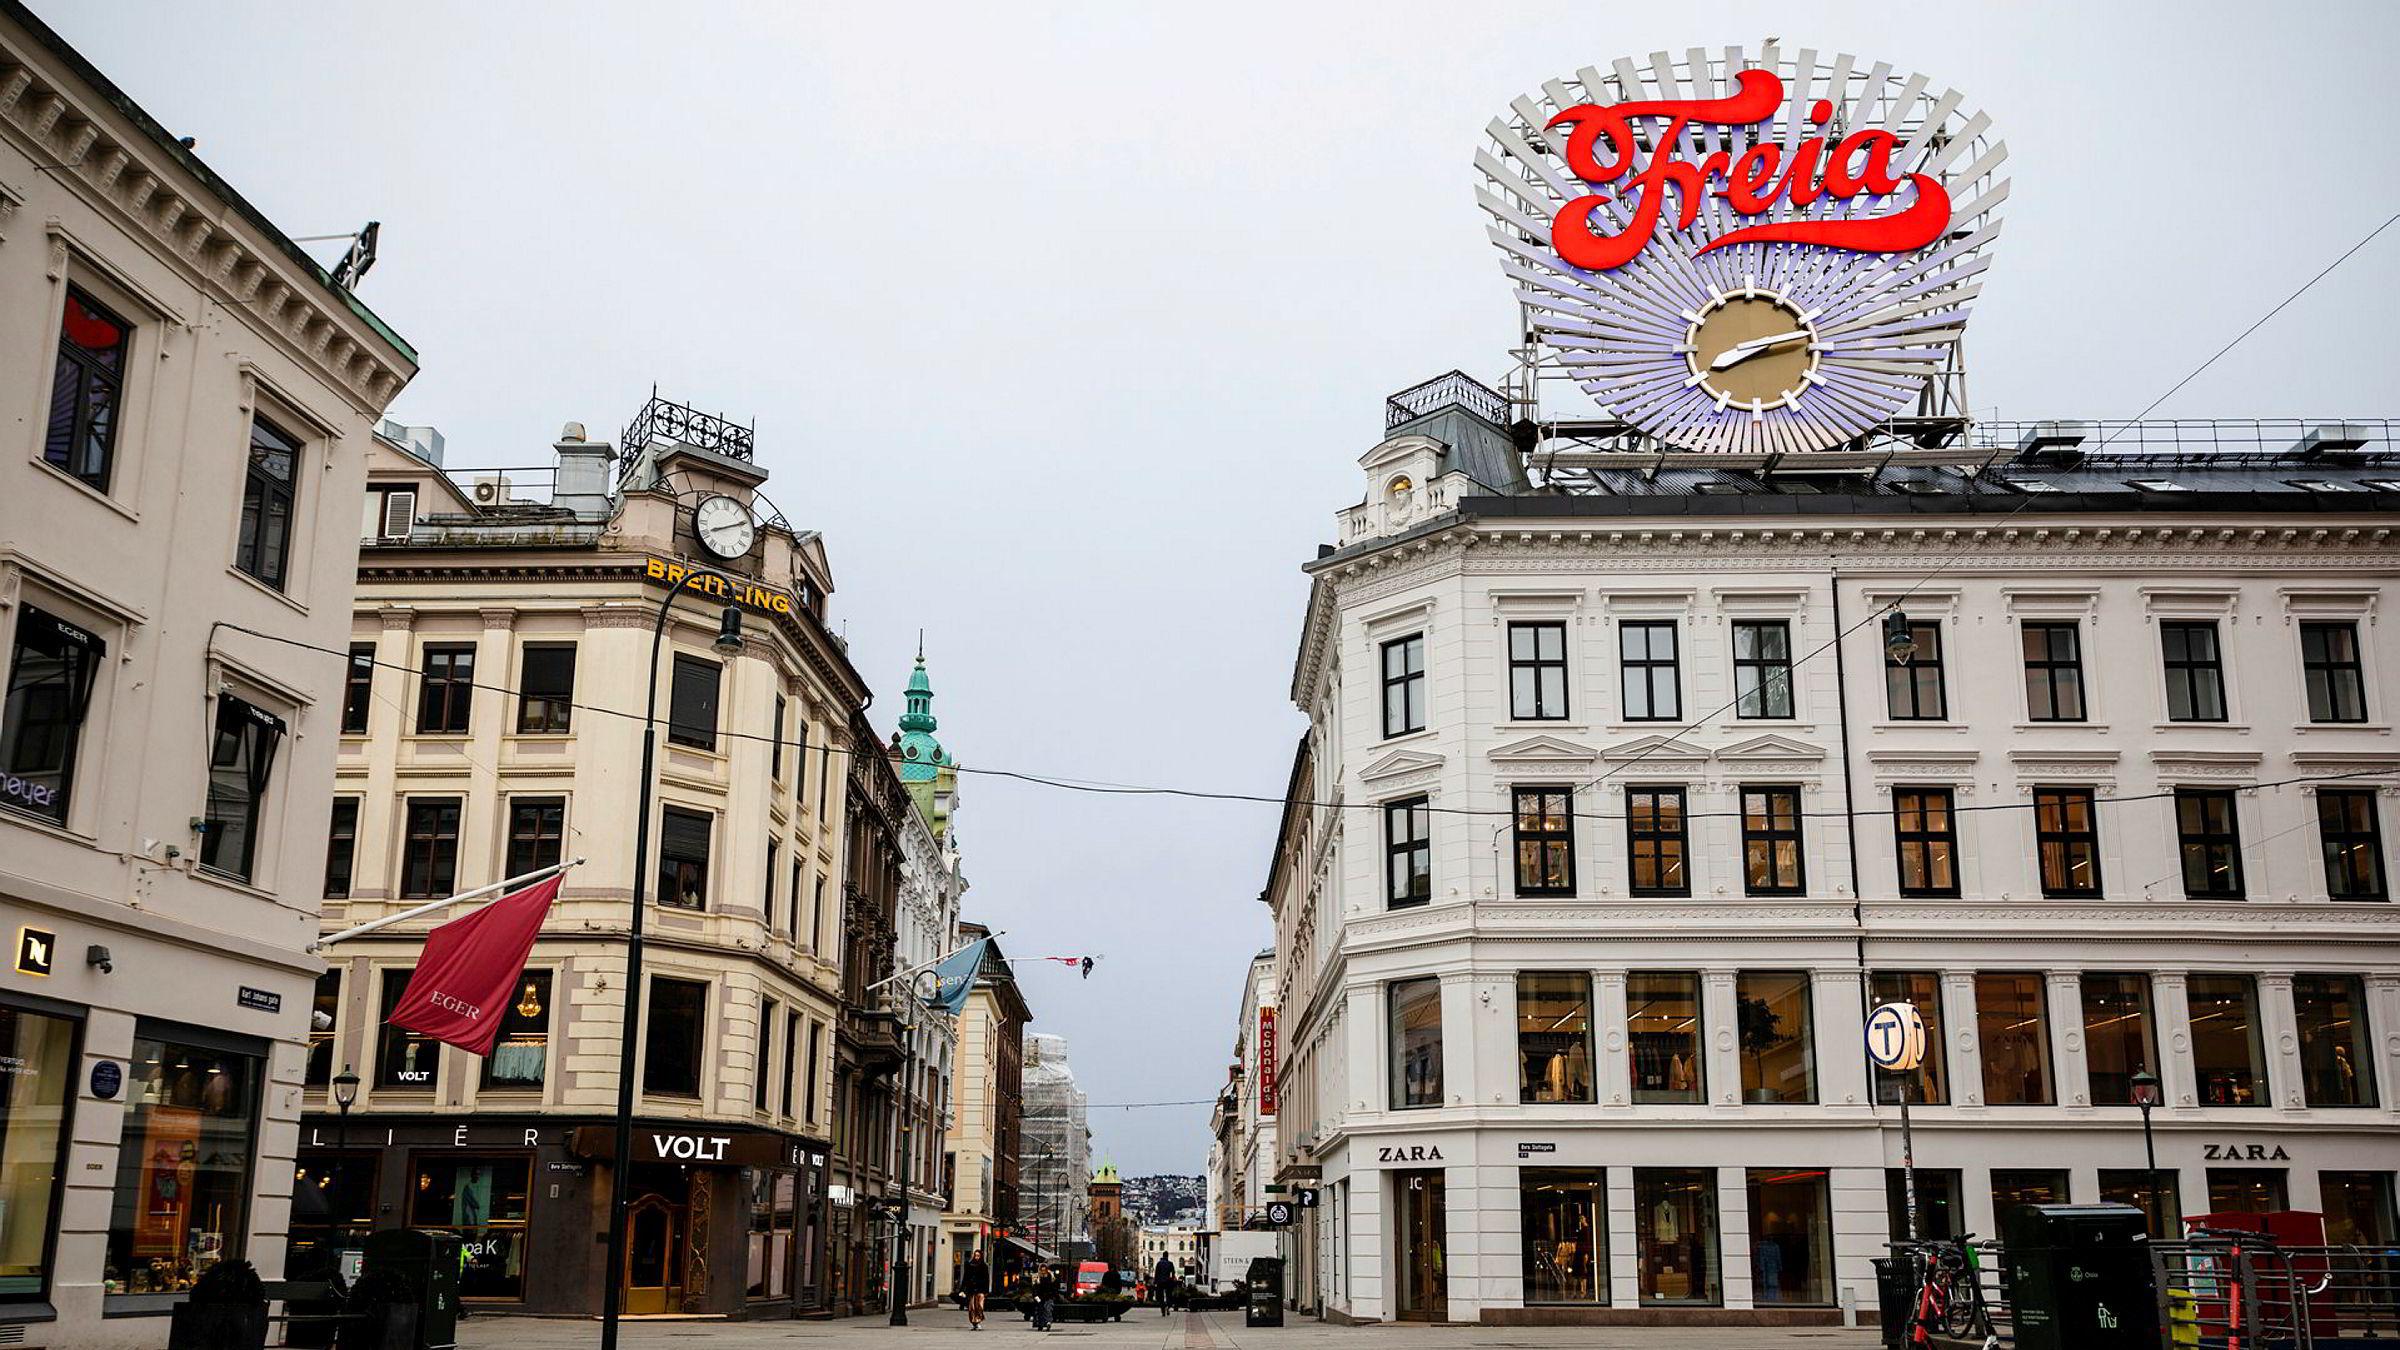 Det er først og fremst for vår skyld Norge og verden stenger ned – med uforutsigbare økonomiske konsekvenser, skriver pensjonist Arnfinn Christensen i innlegget. Karl Johans gate var nesten folketom klokken åtte tirsdag.